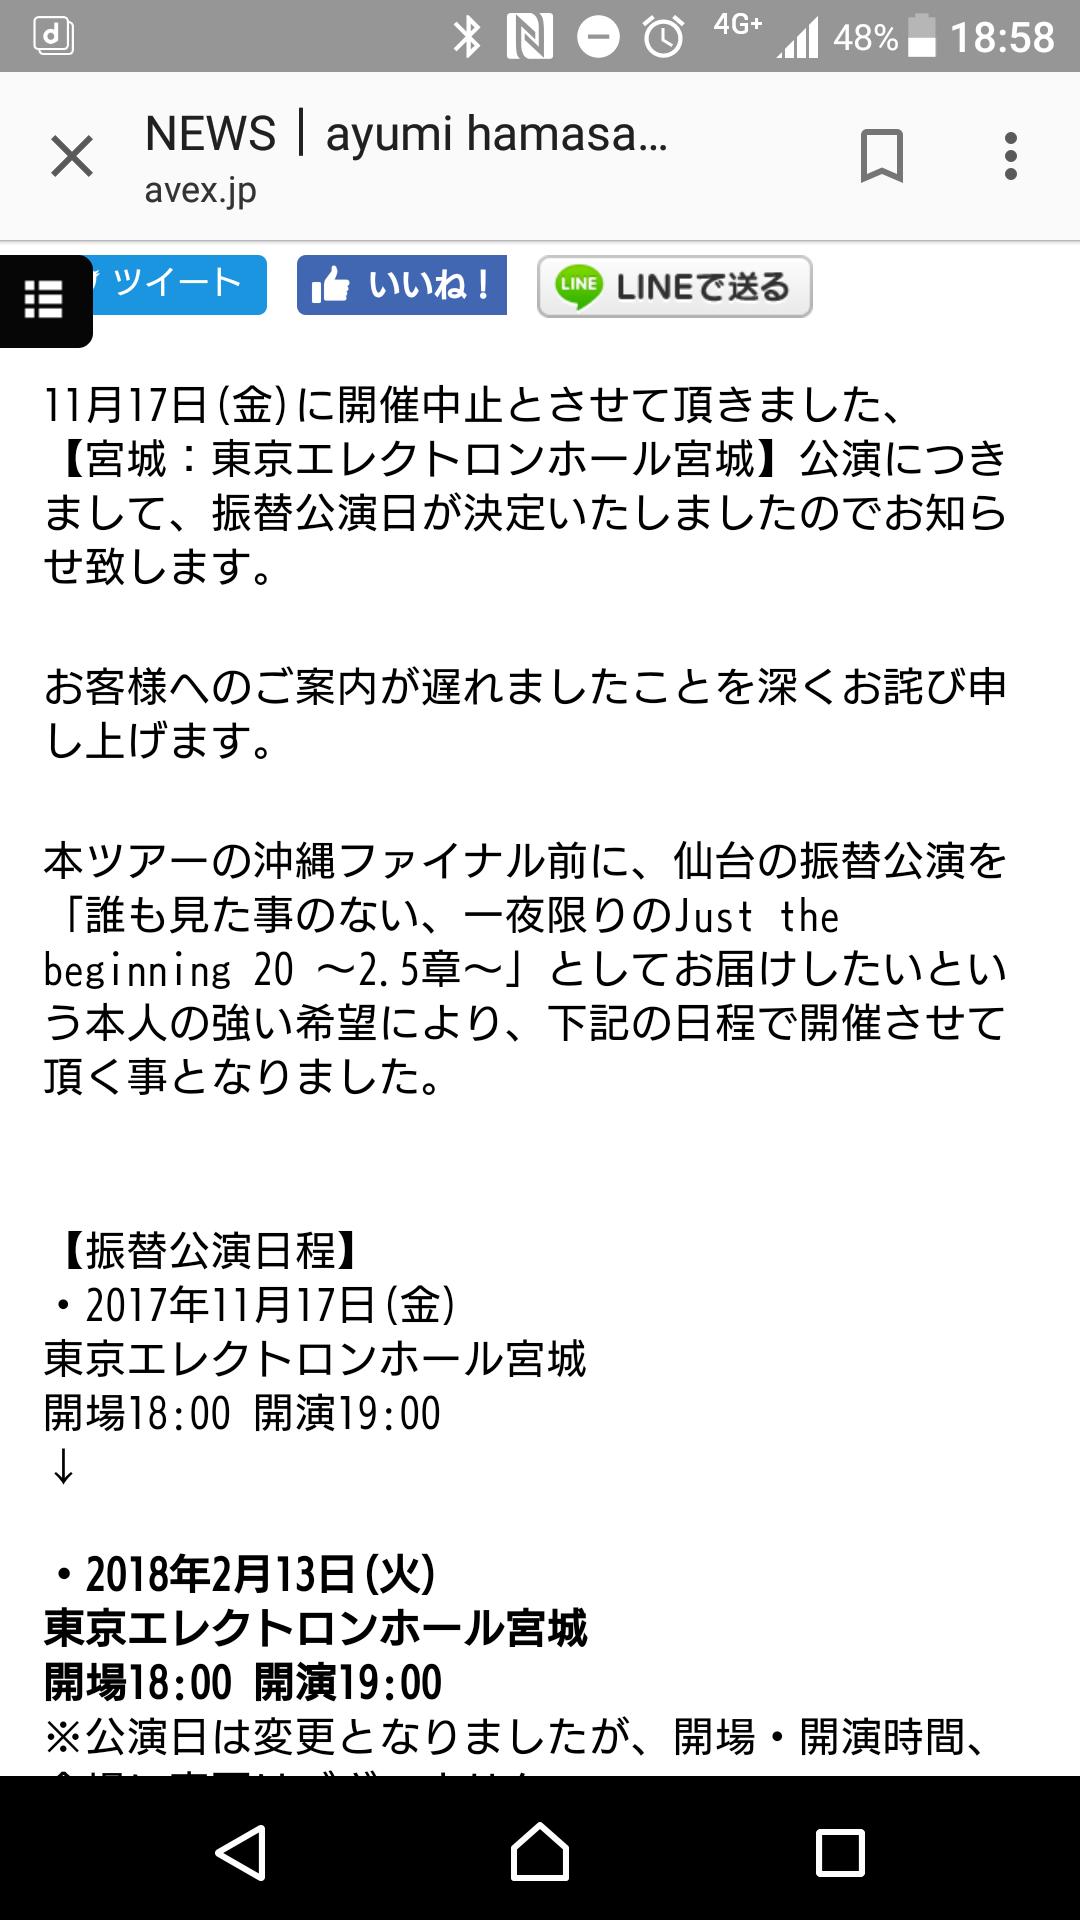 浜崎あゆみ「愚かな過ちのせいで、皆を傷付けた」と自責の念繰り返すも、「は? 何が!?」とファン困惑